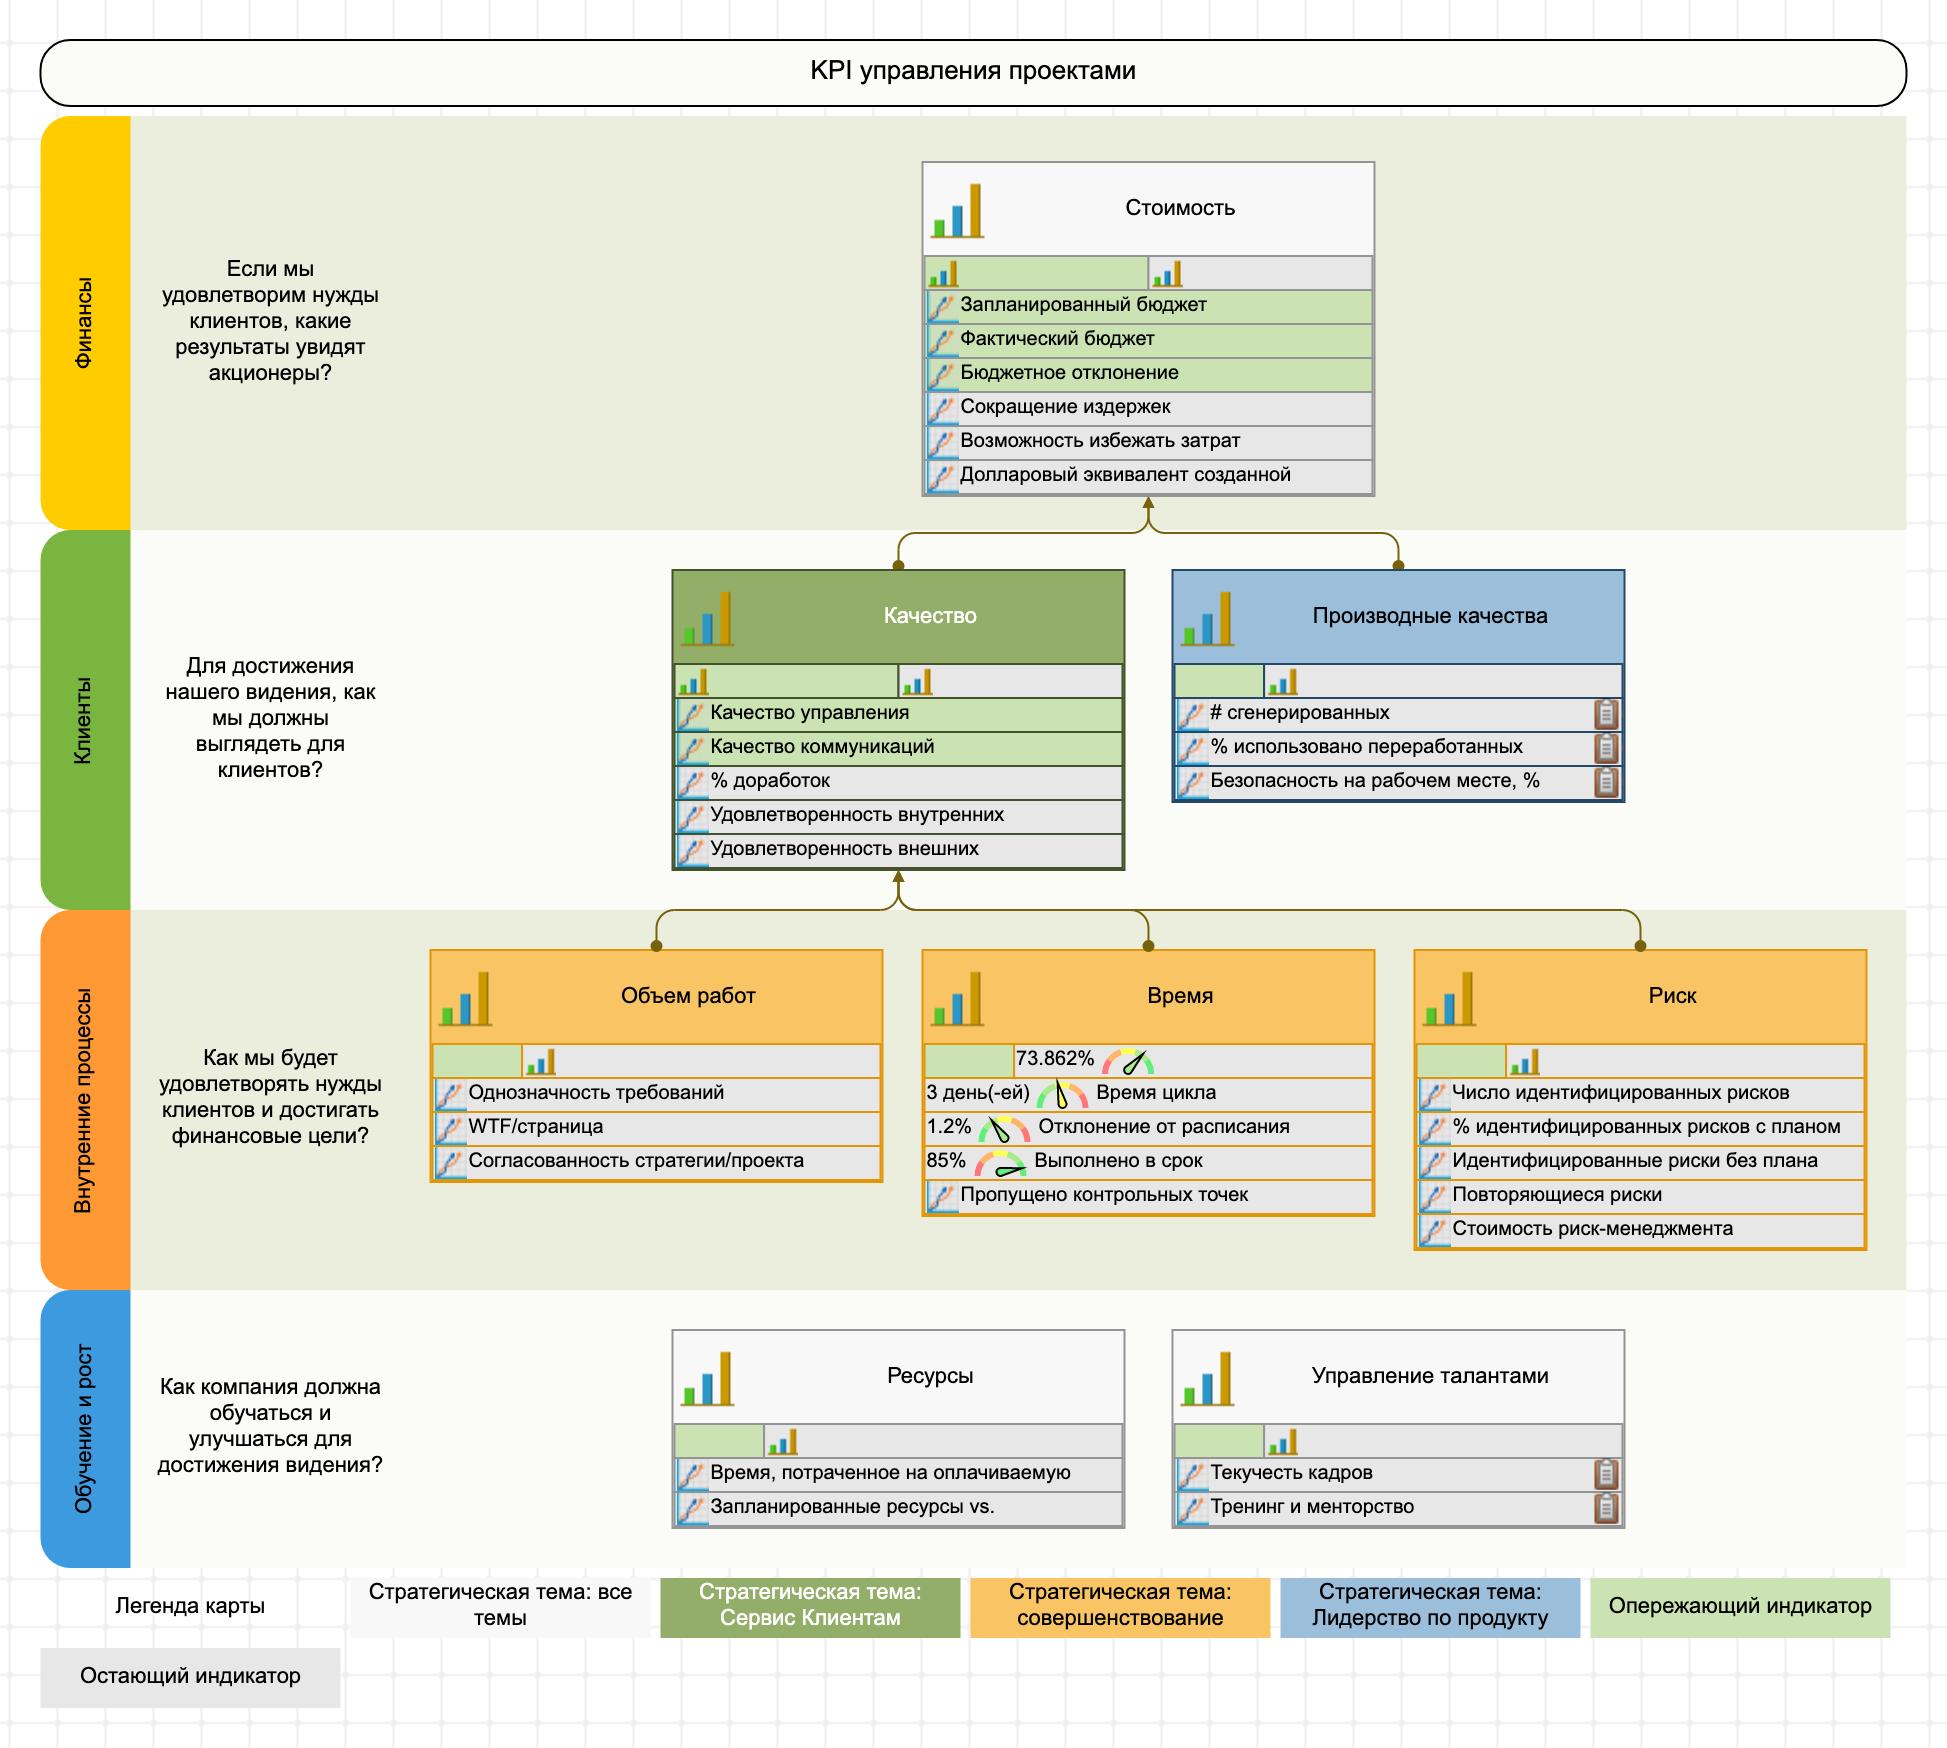 KPI управления проектами на стратегической карте